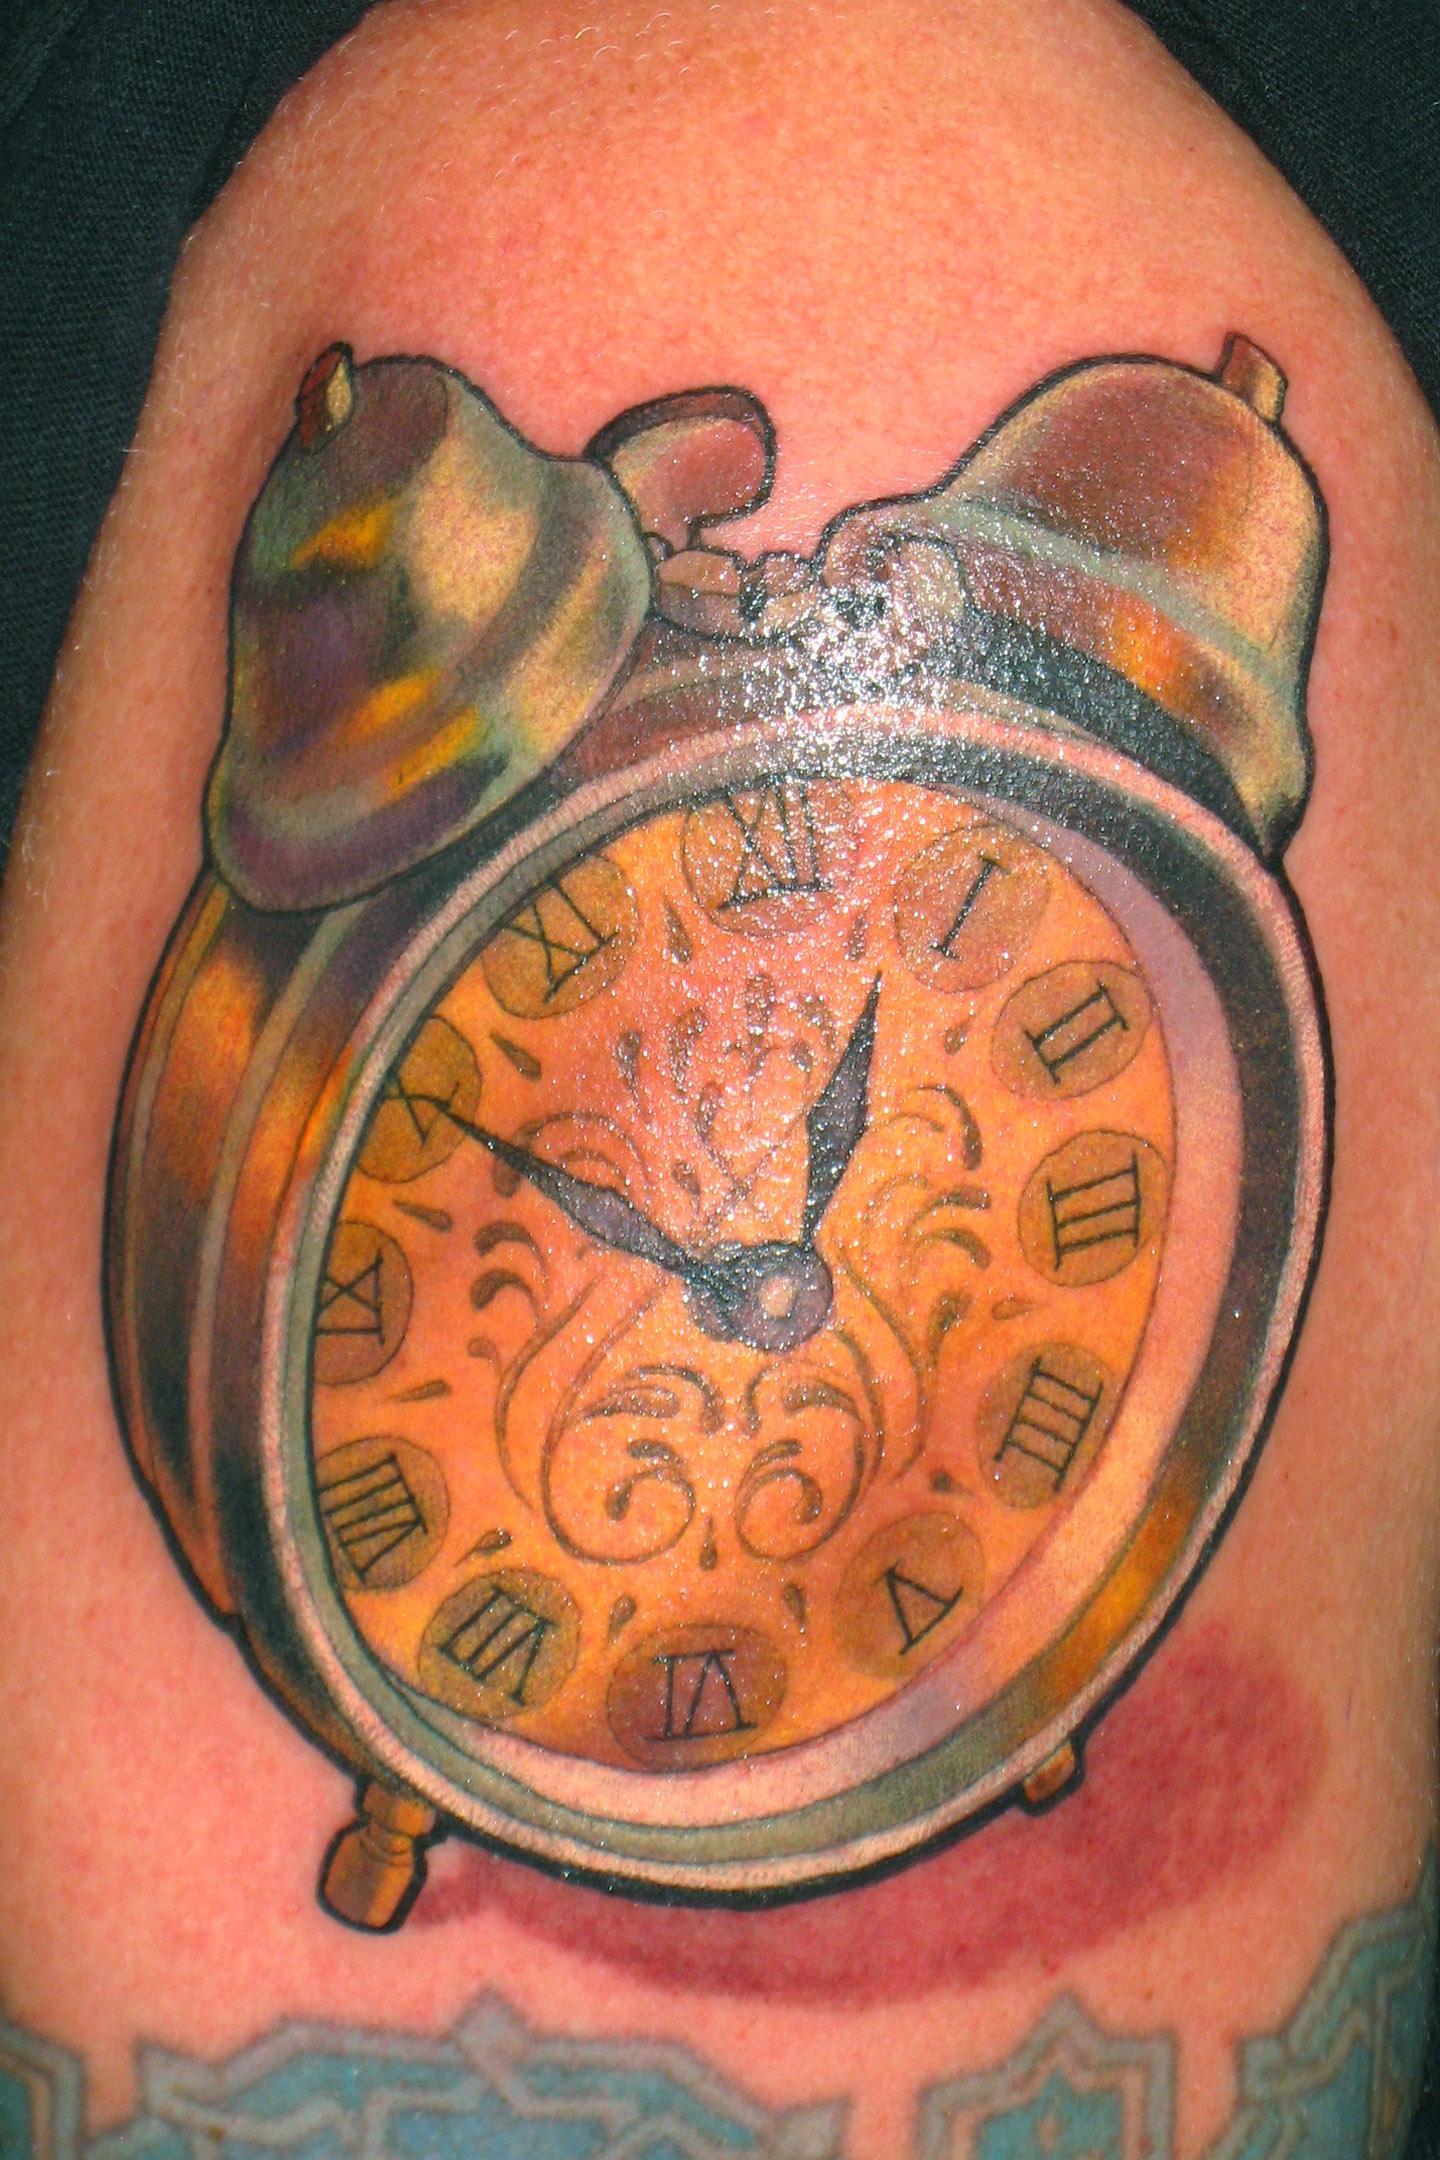 Antique Alarm Clock.jpg